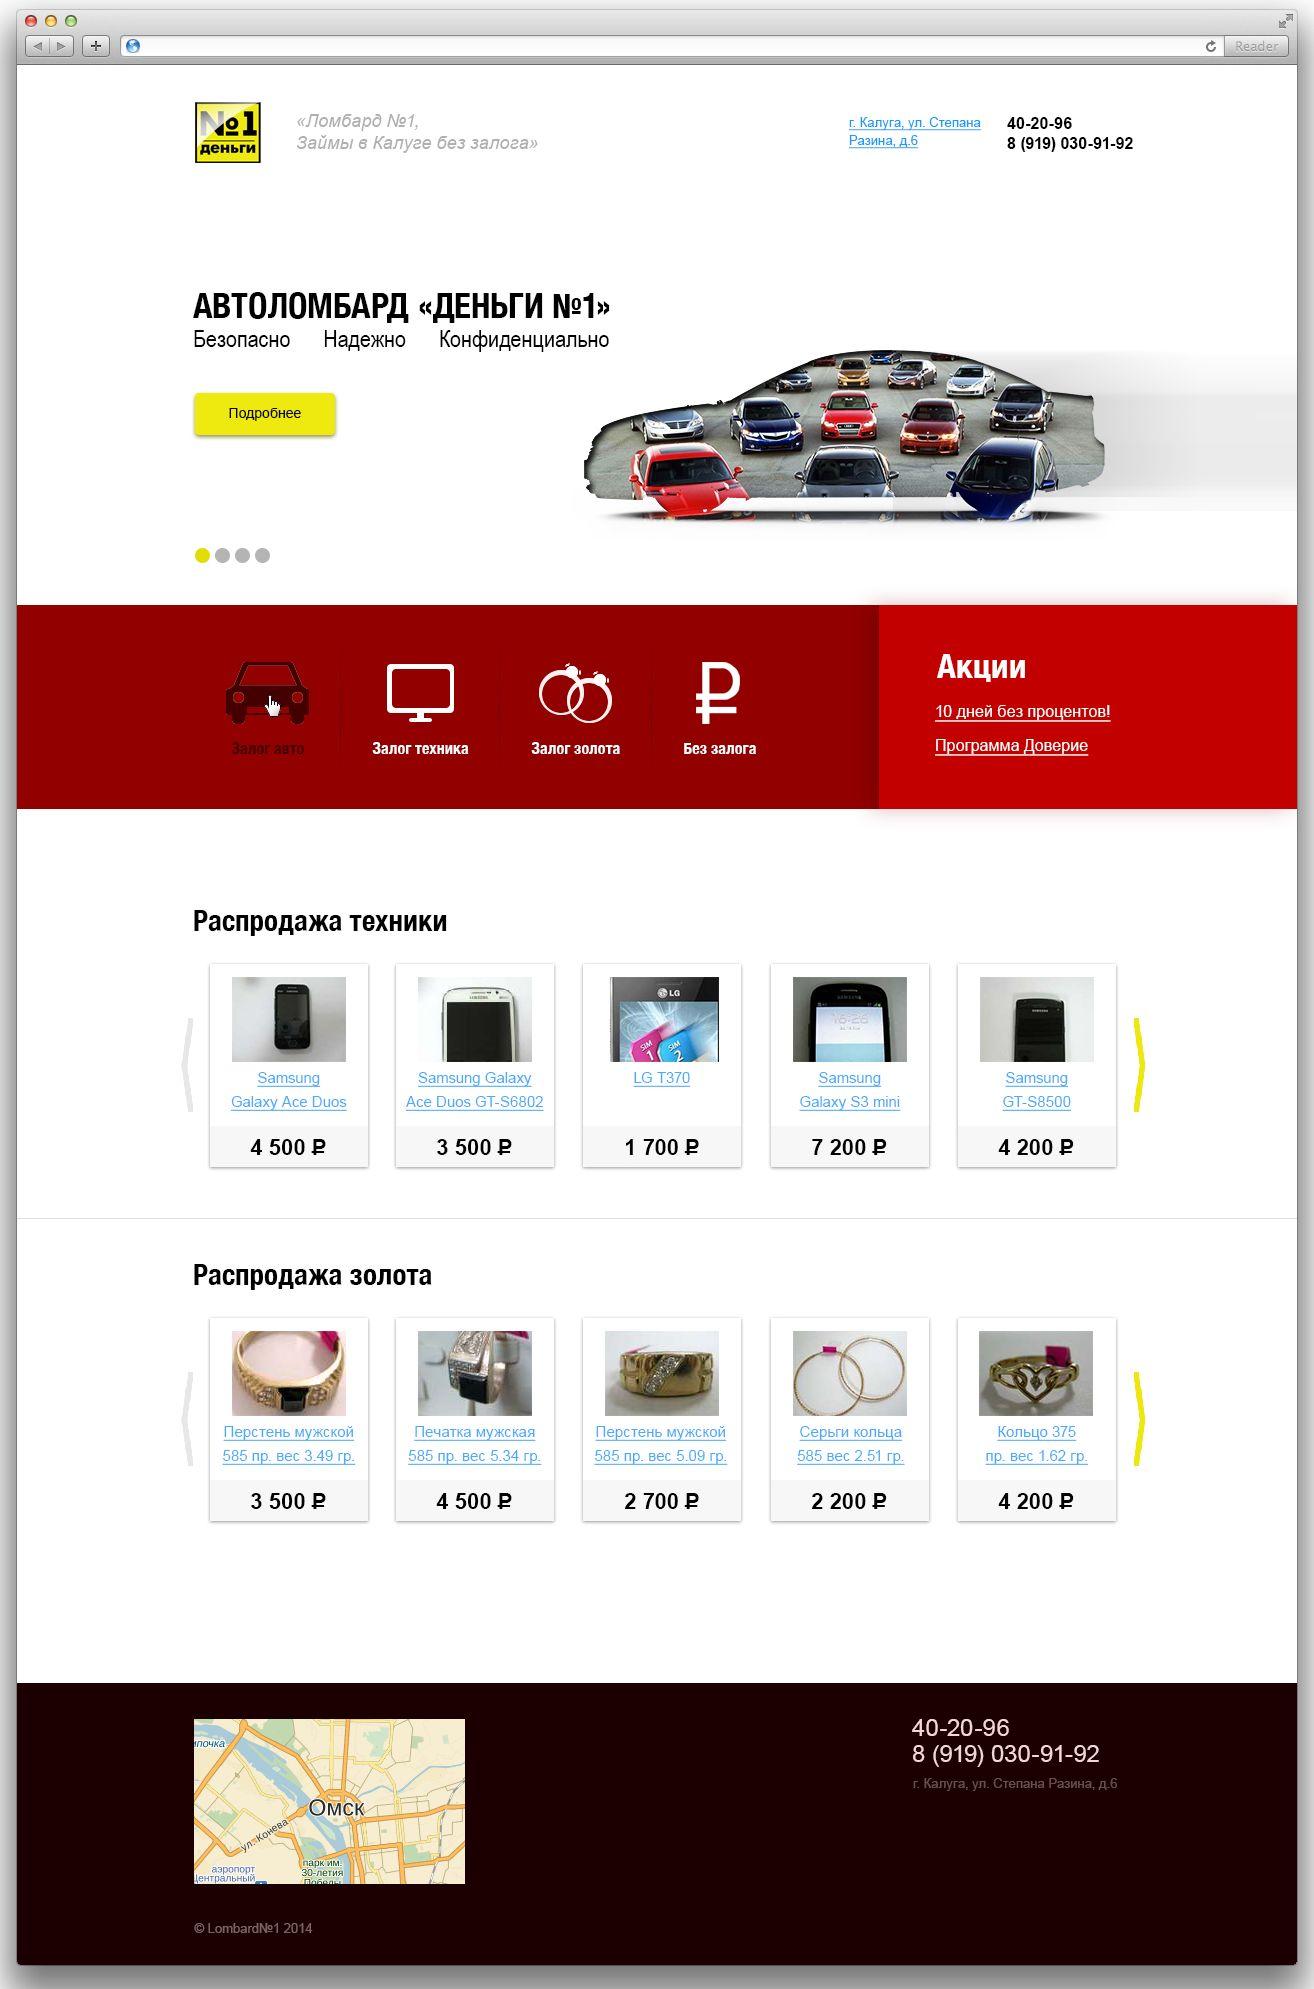 Дизайн главной страницы сайта Ломбард №1 - дизайнер BeatNate